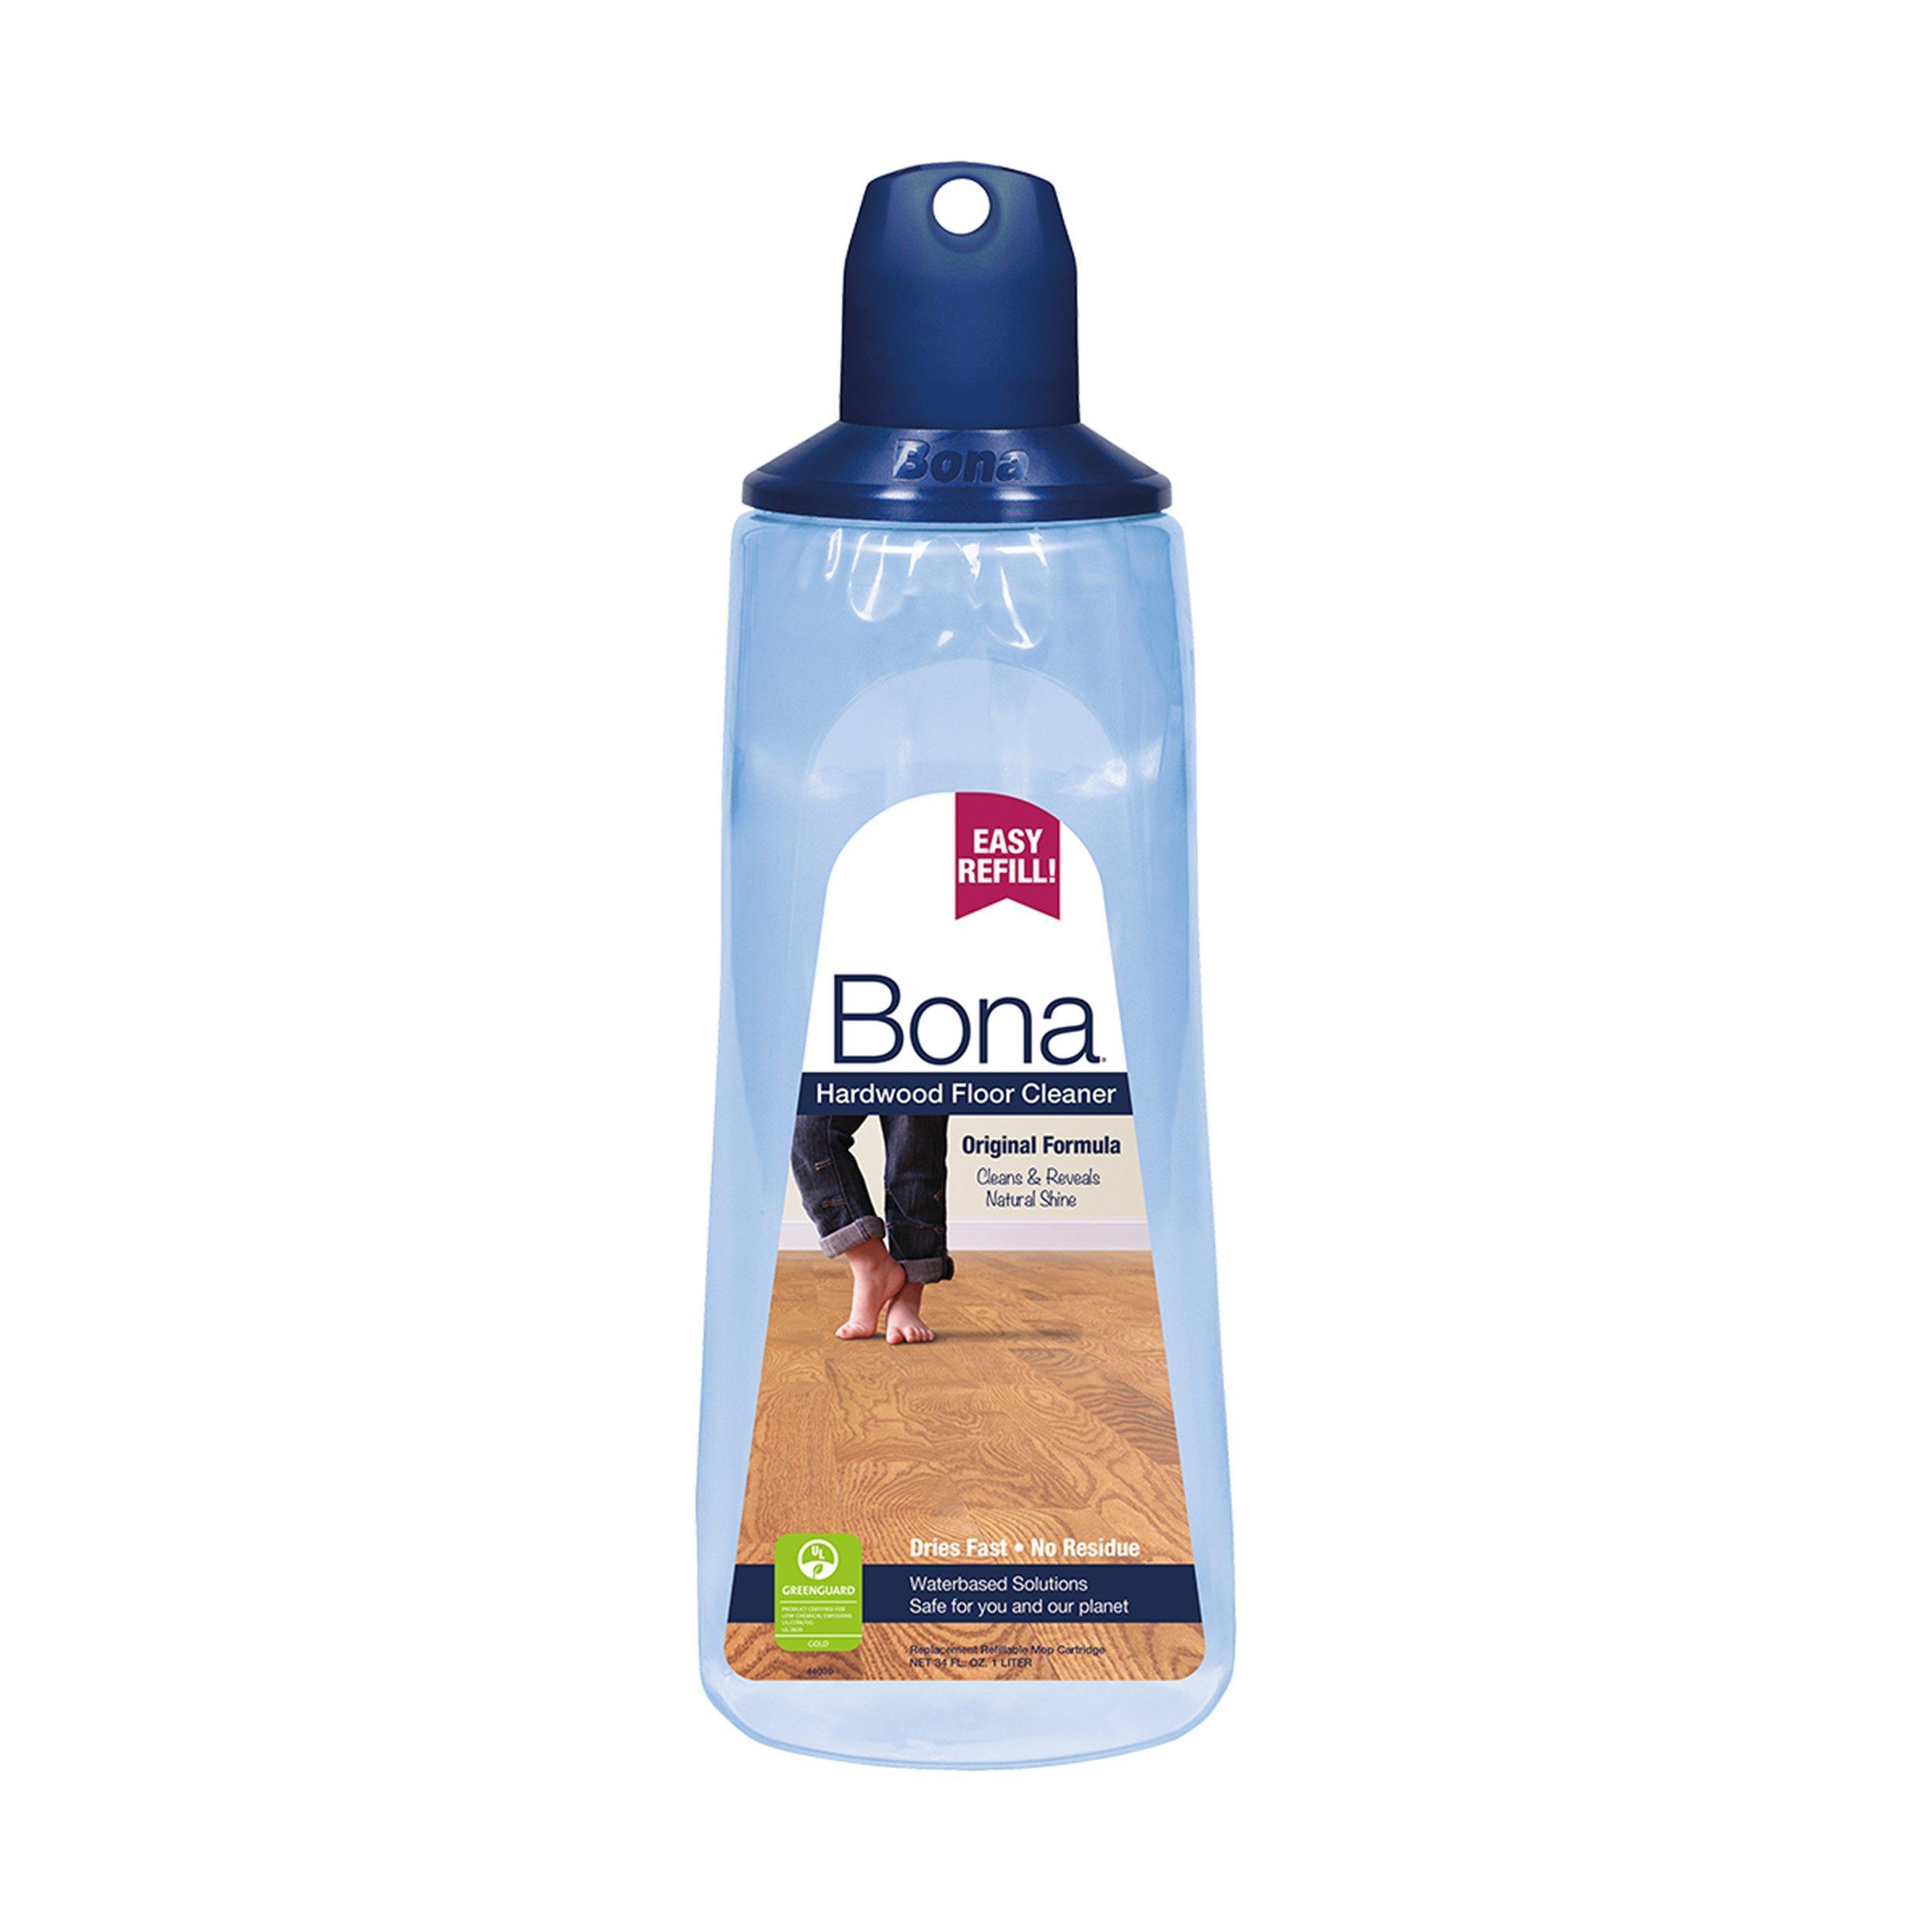 Bona Floor Cleaner Bona Pro Series Hardwood Floor Cleaner